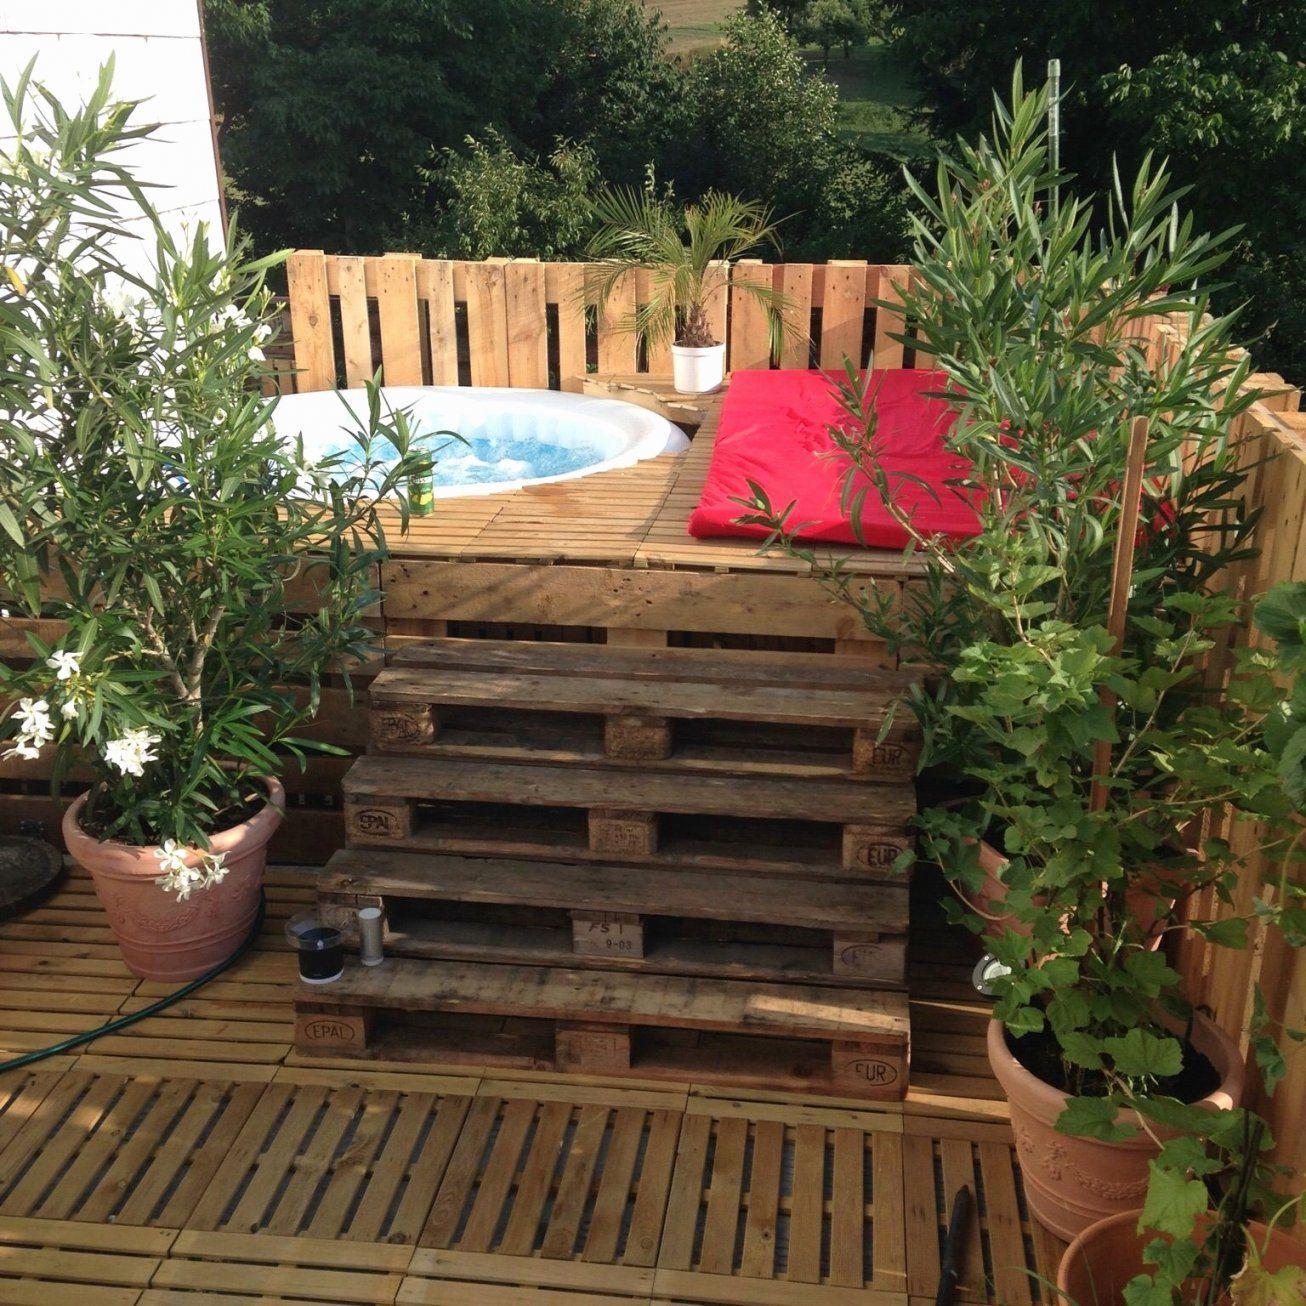 diy terrasse aus europaletten selbst bauen selber bauen. Black Bedroom Furniture Sets. Home Design Ideas